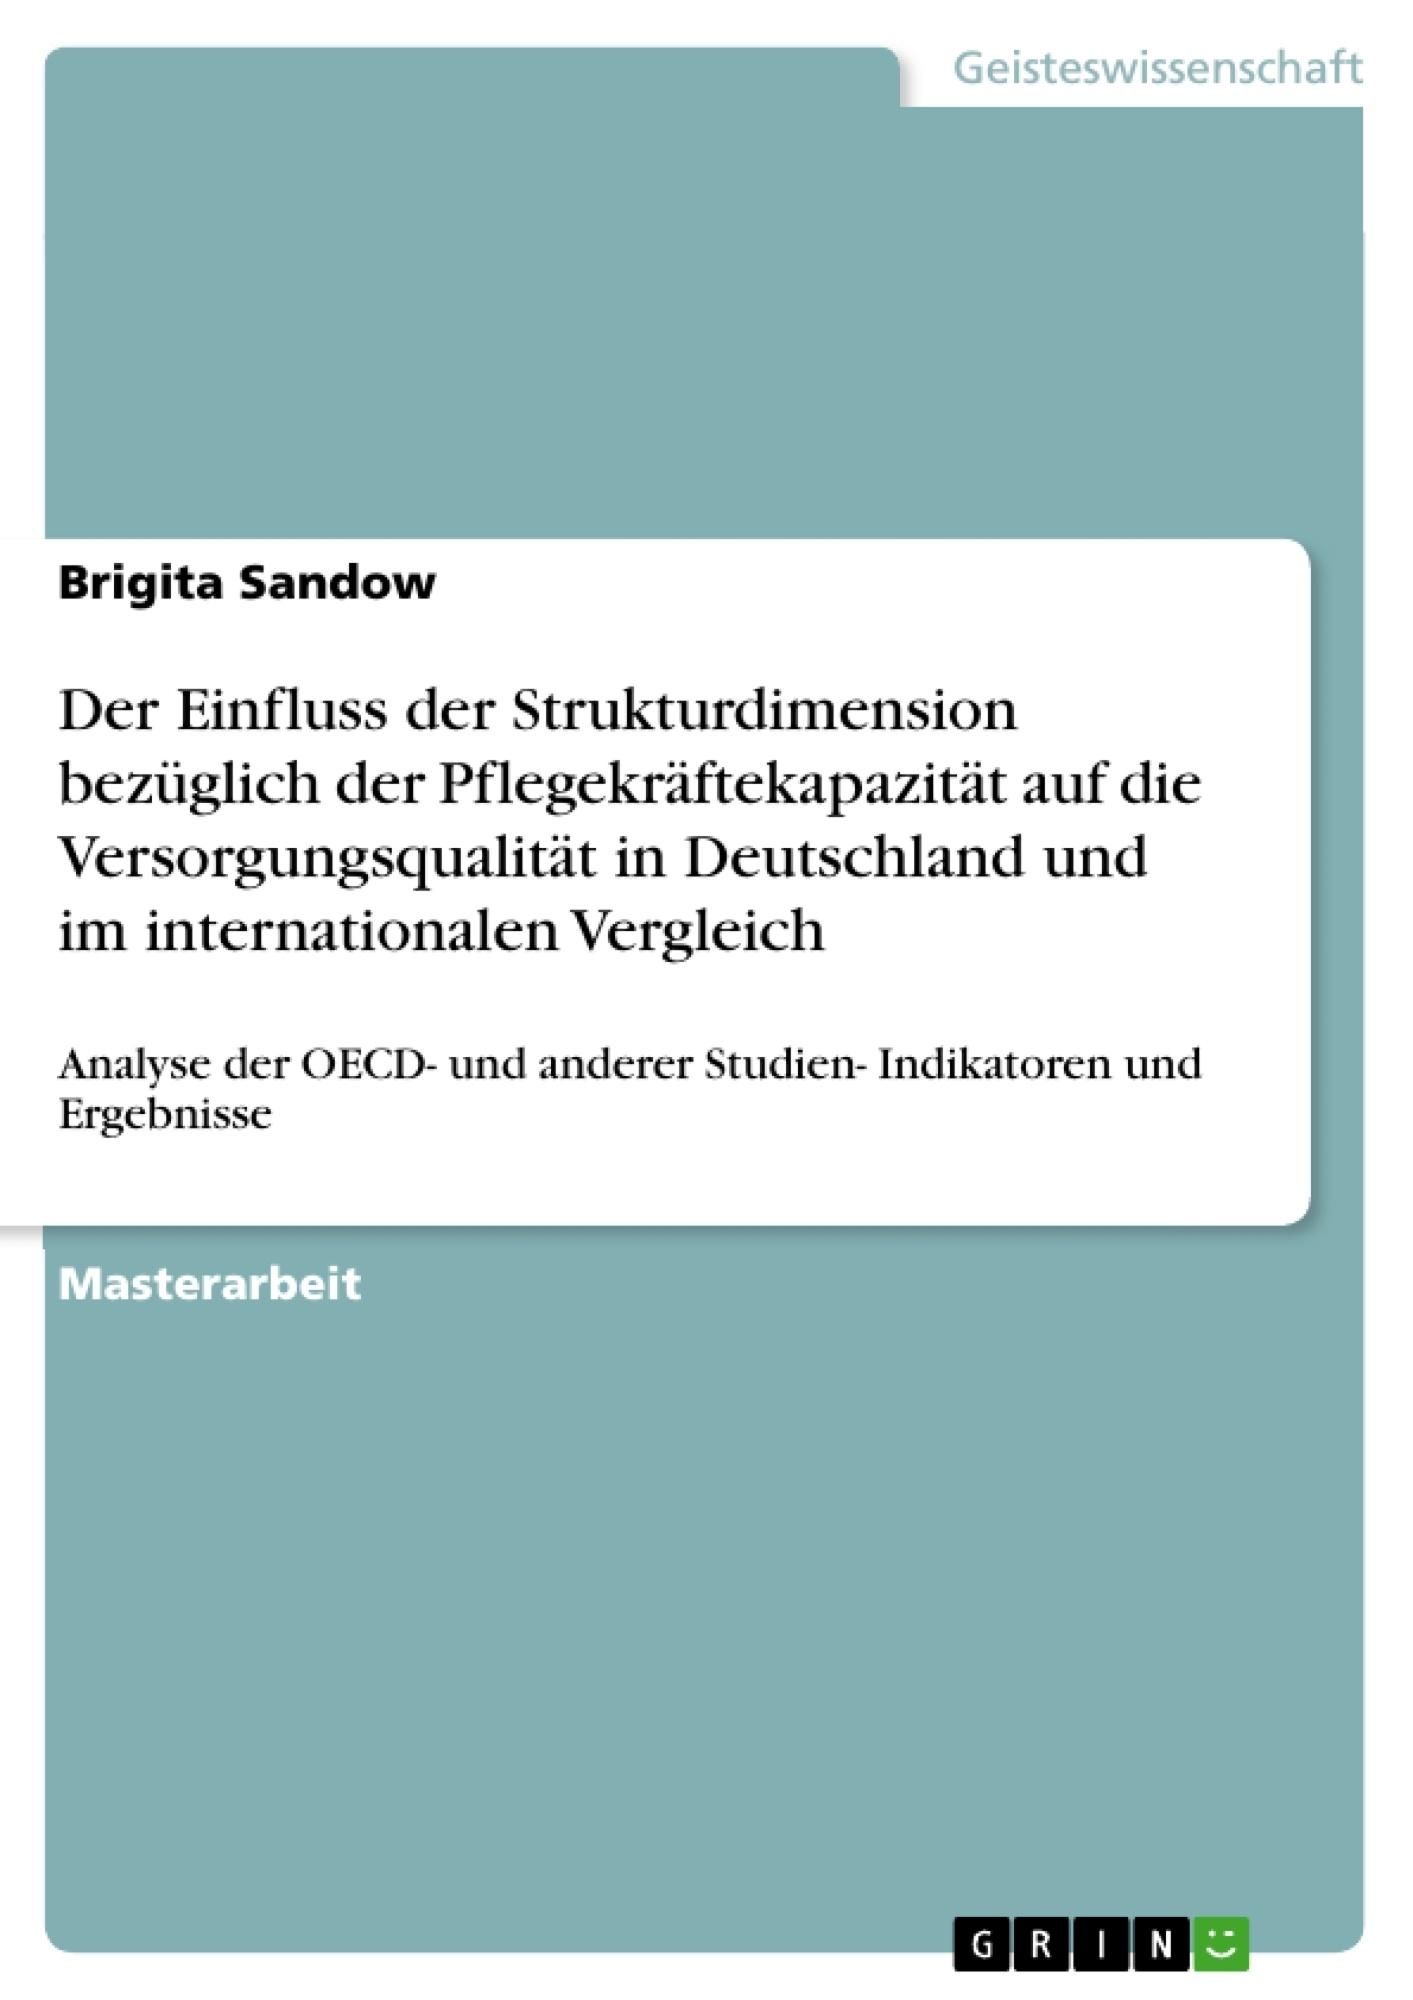 Titel: Der Einfluss der Strukturdimension bezüglich der Pflegekräftekapazität auf die Versorgungsqualität in Deutschland und im internationalen Vergleich